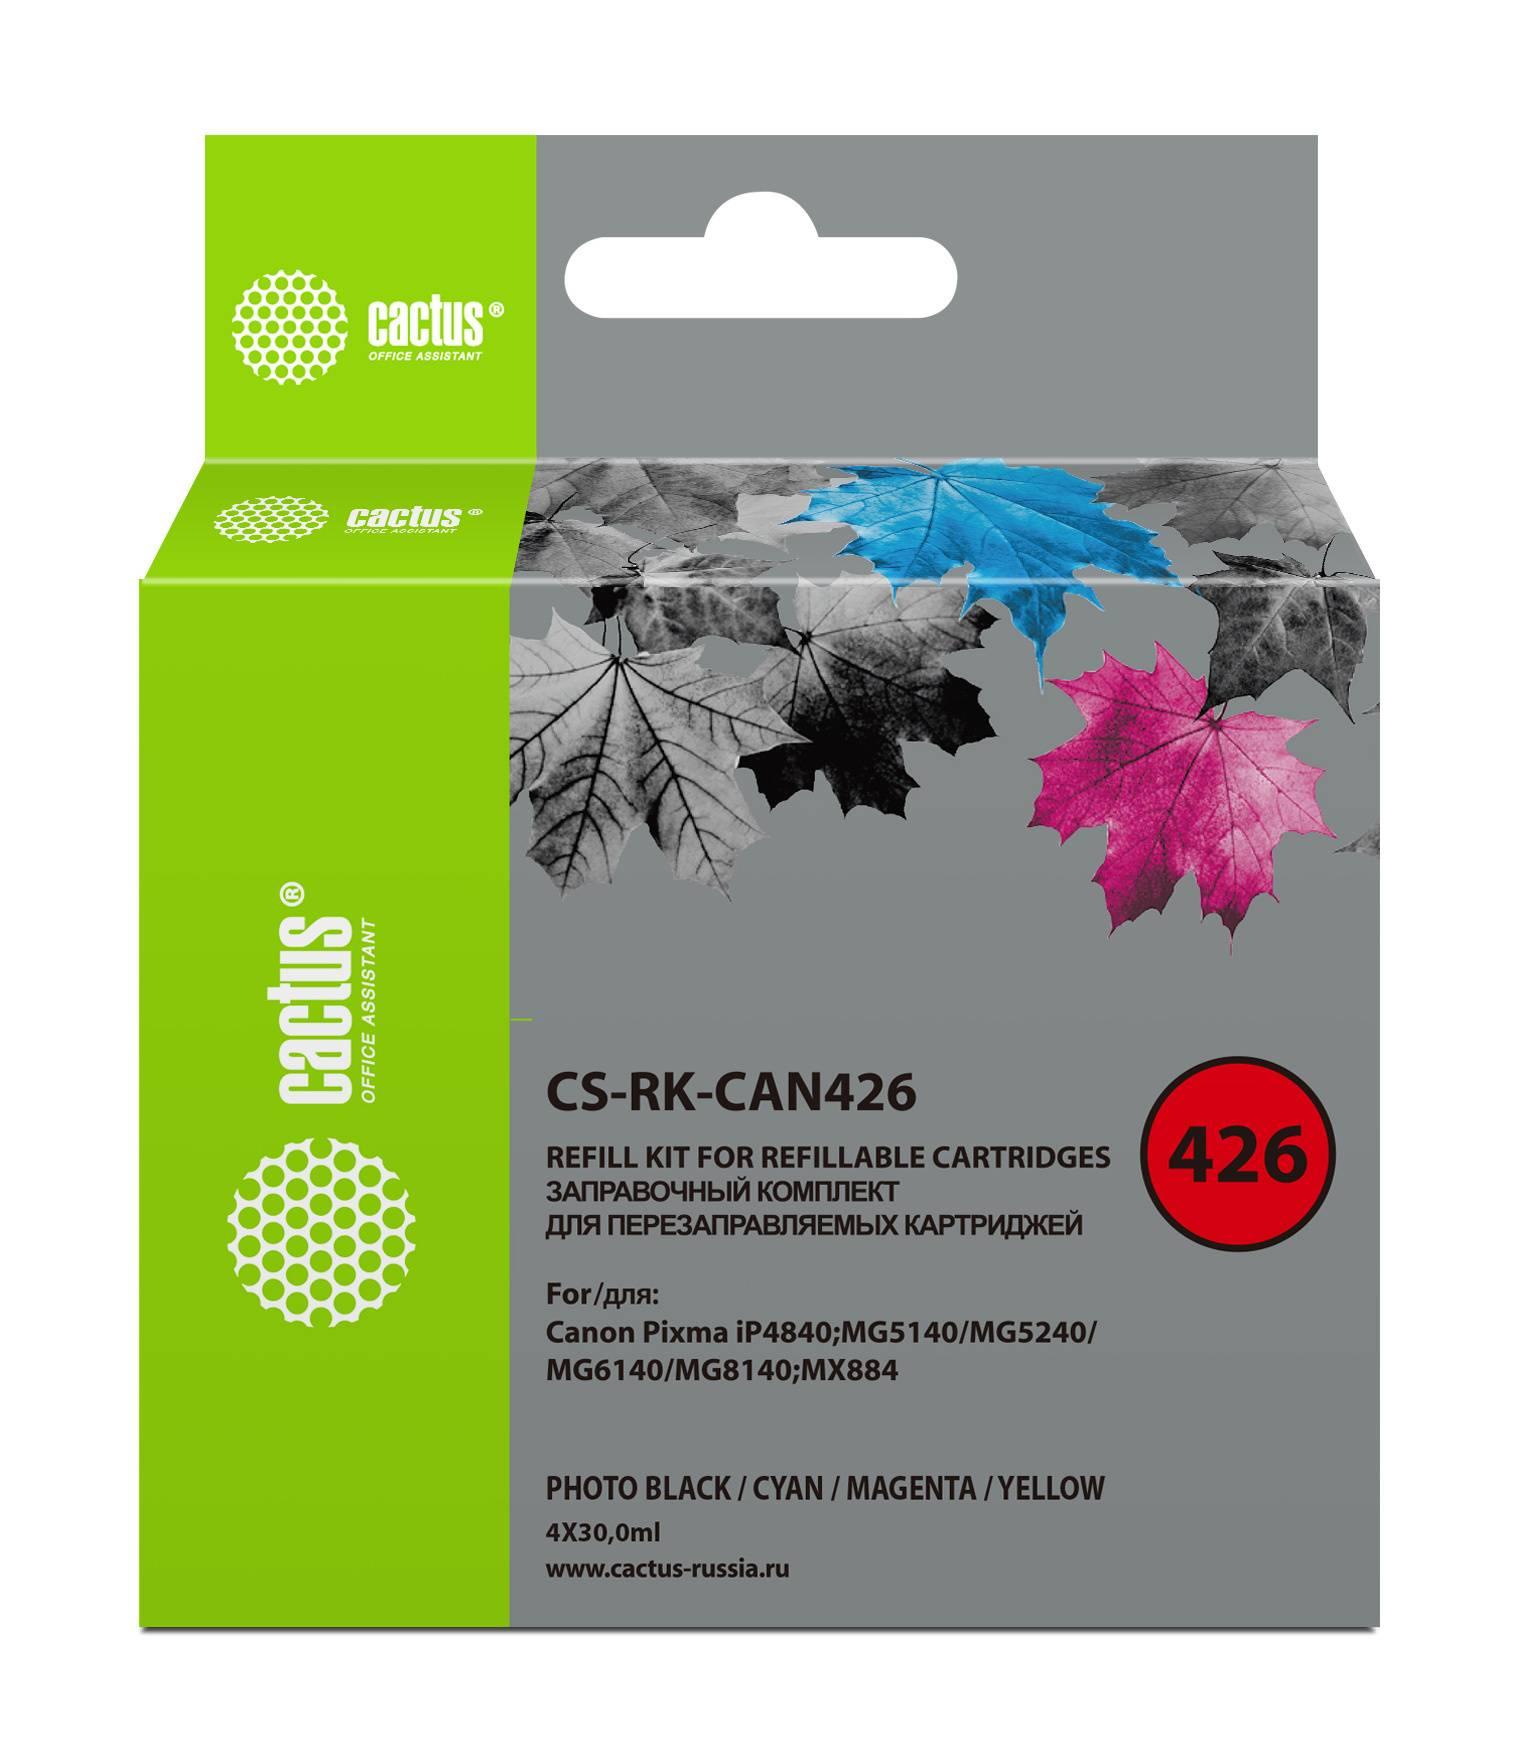 Заправка для ПЗК Cactus CS-RK-CAN426 многоцветный 4xфл. 30мл для Canon Pixma iP4840 - фото 1